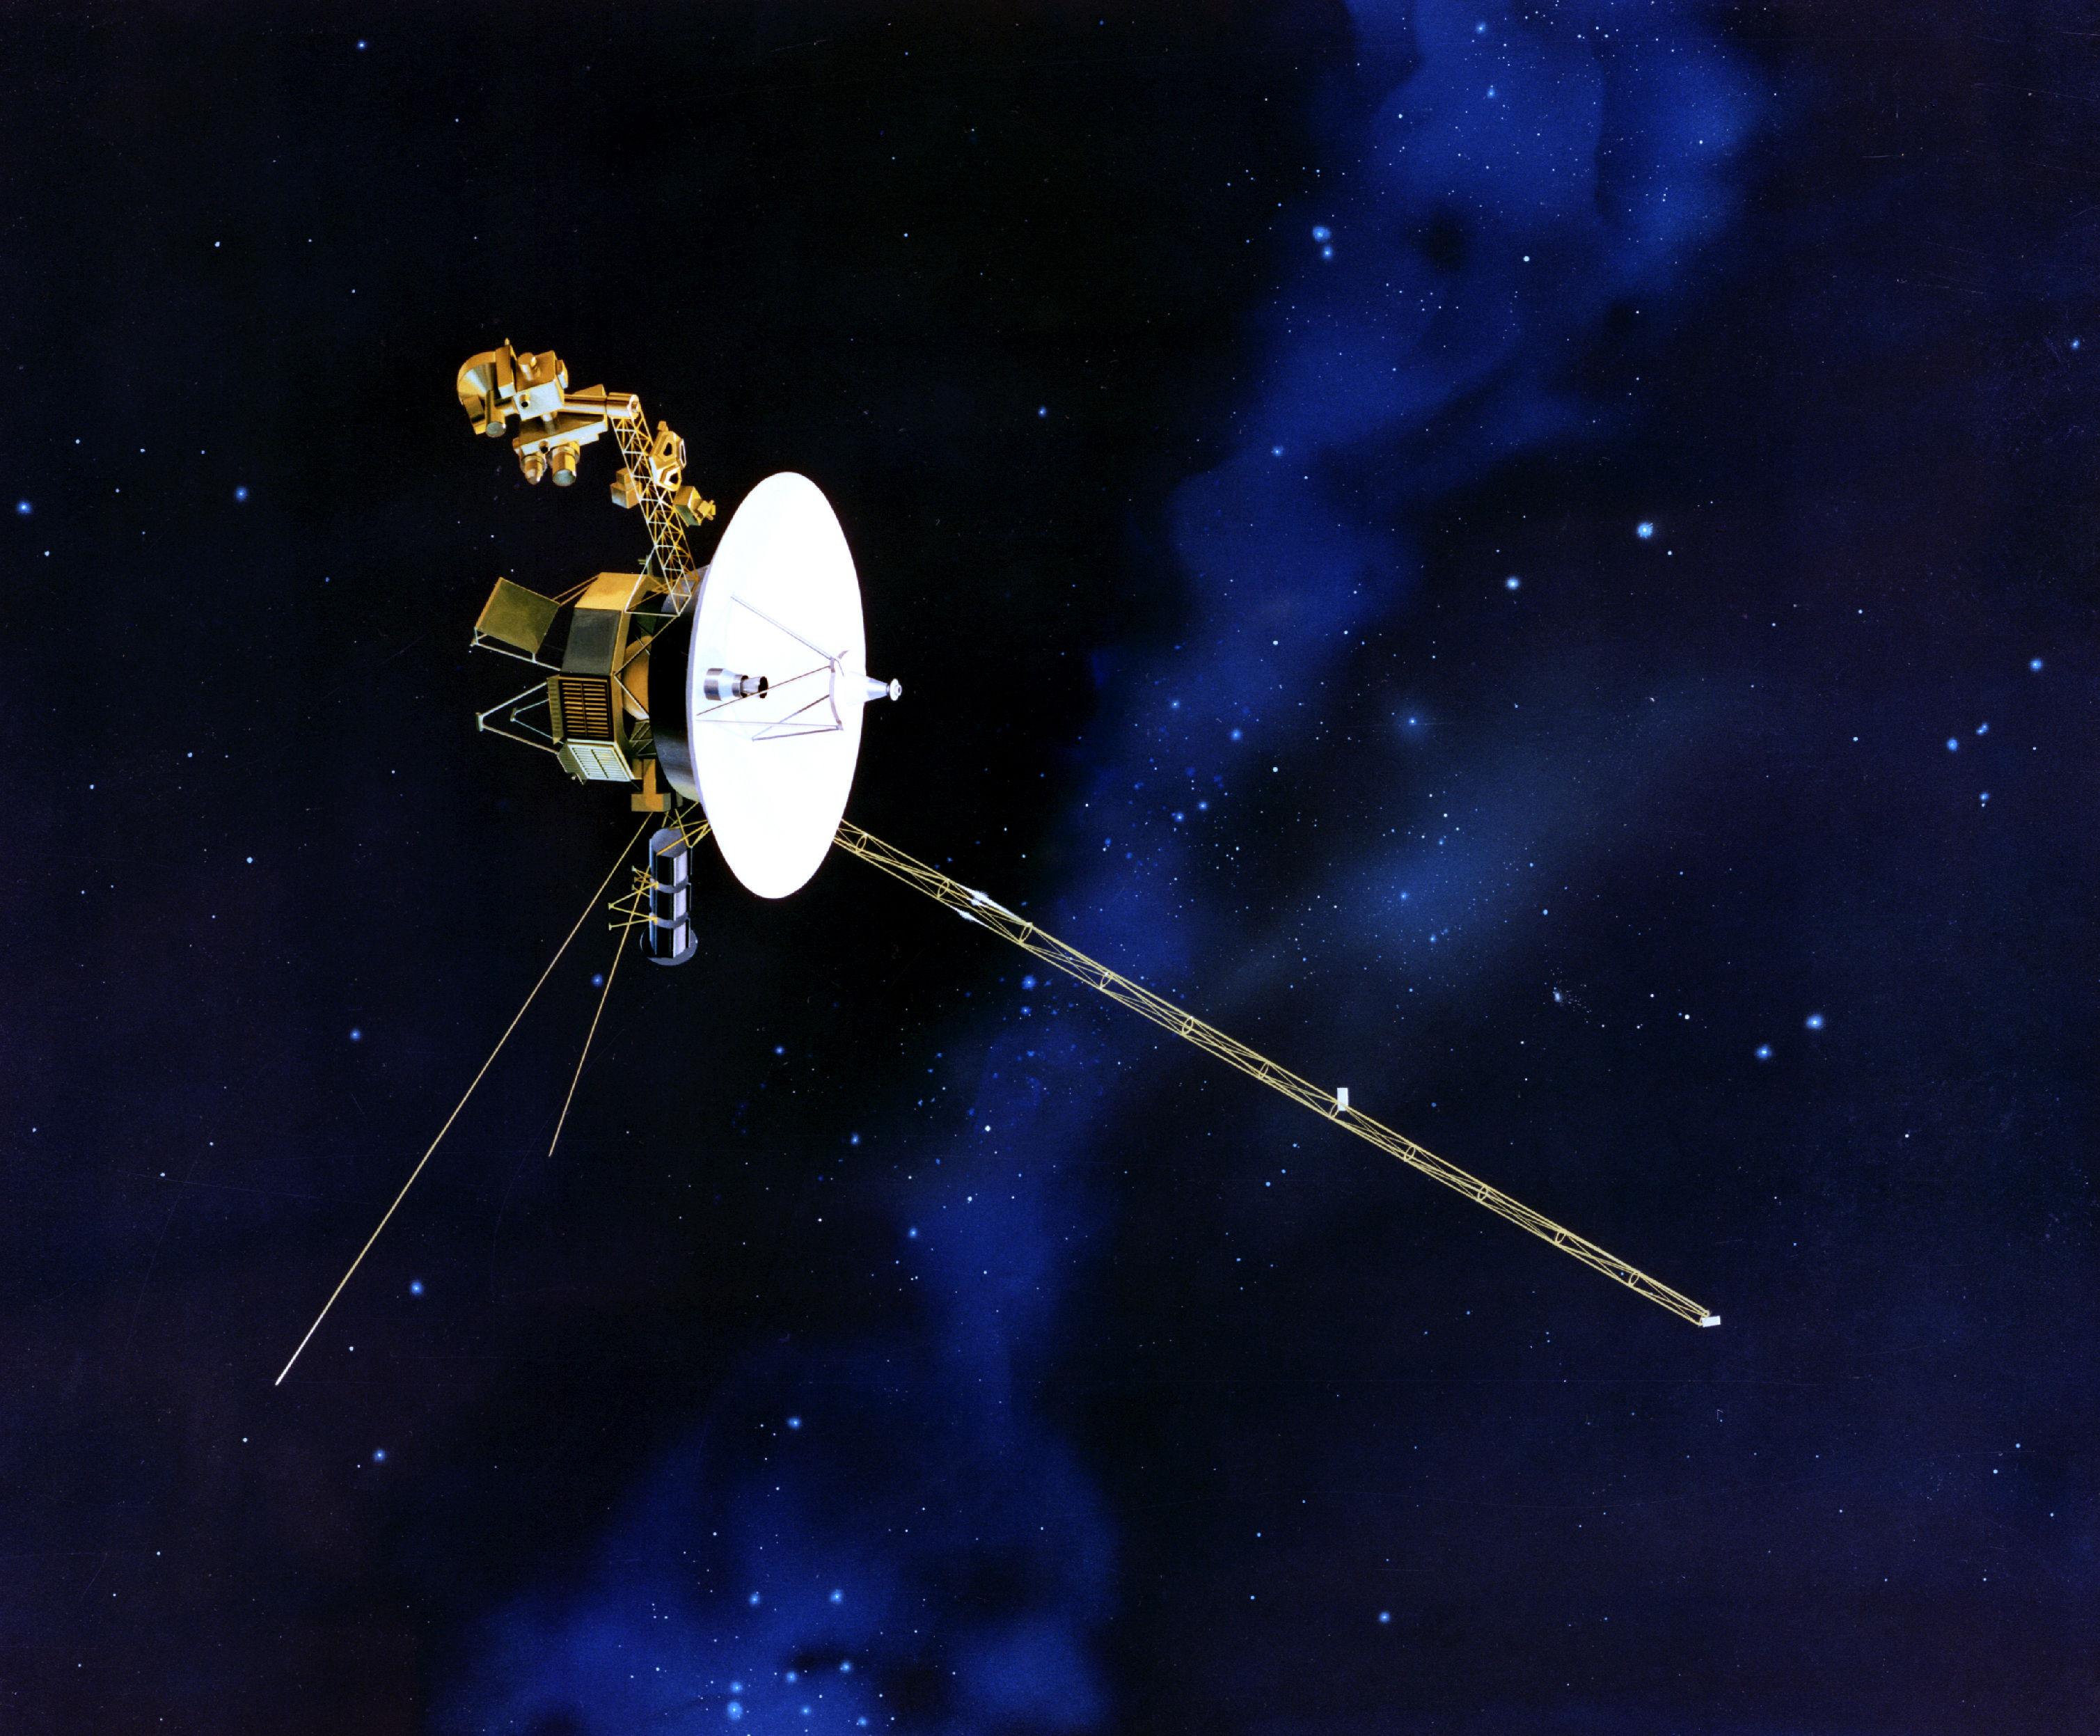 Voyager_spacecraft.jpg